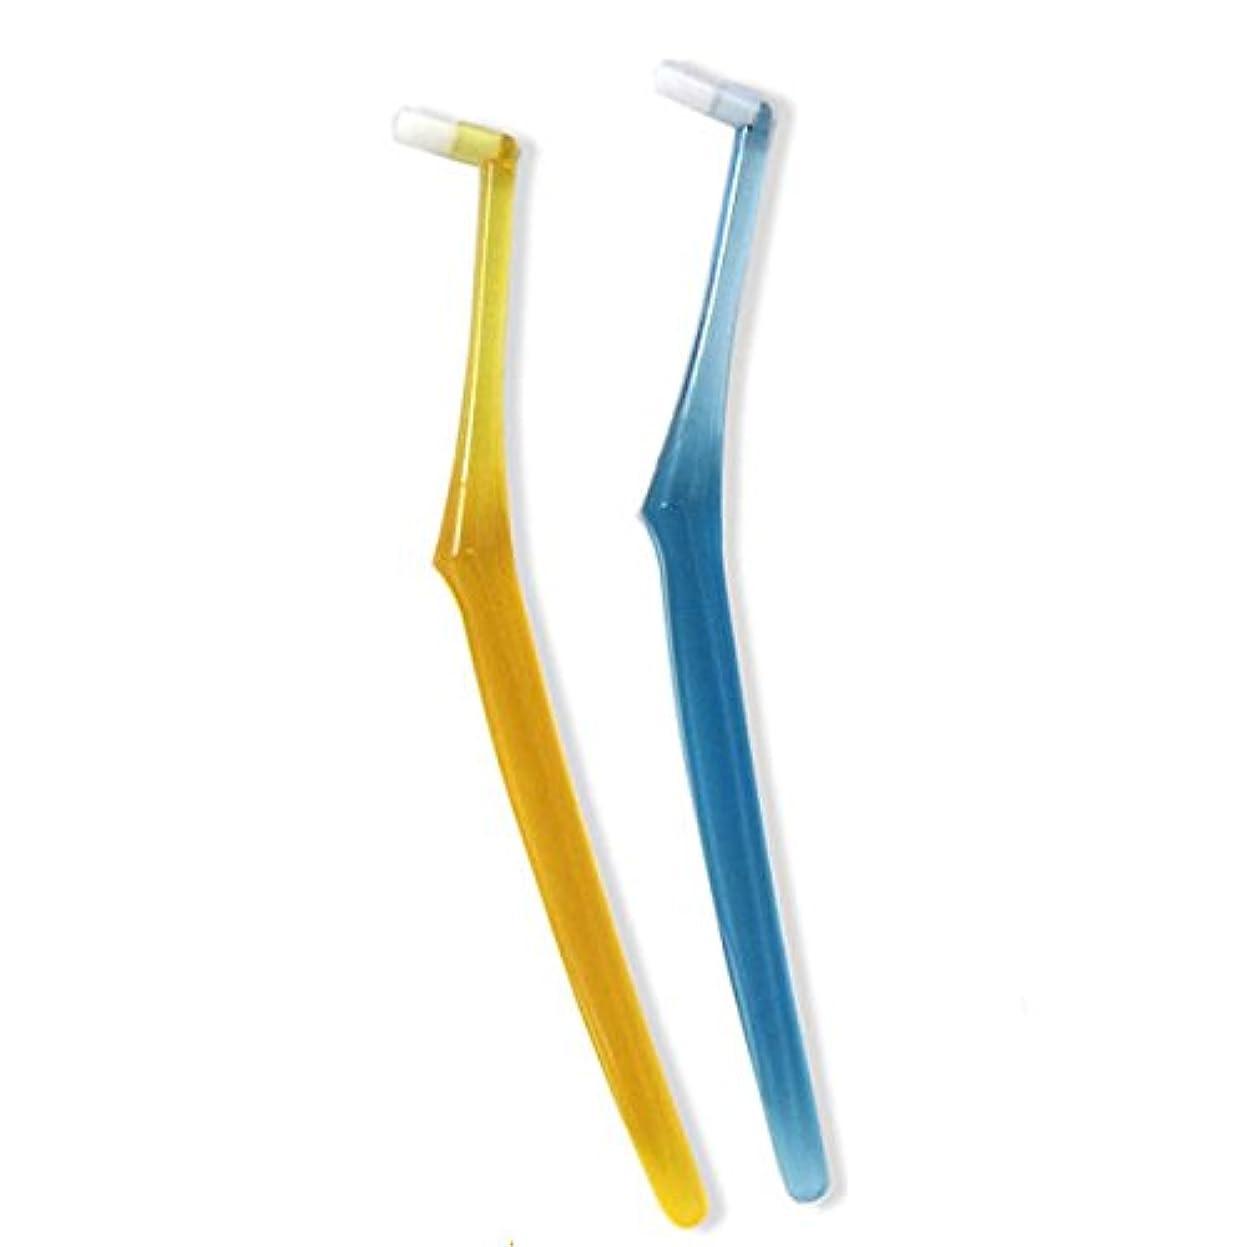 テストカイウスパートナーワンタフト インプロインプラント専用 歯ブラシ (S(ソフト))